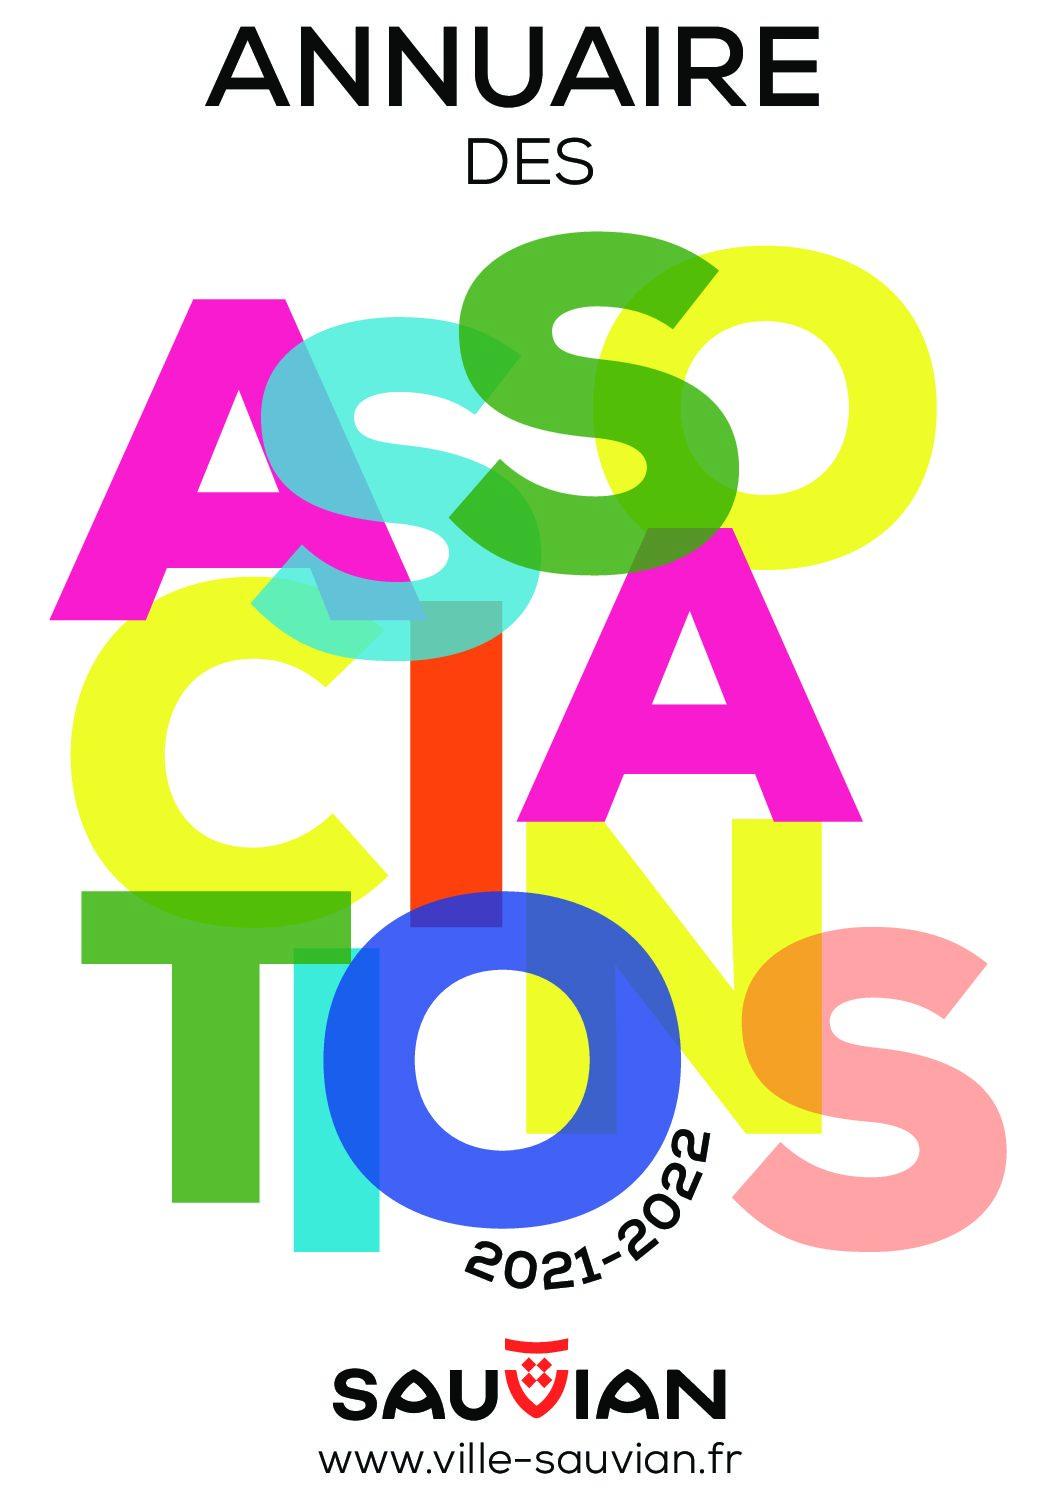 L'annuaire des associations 2021